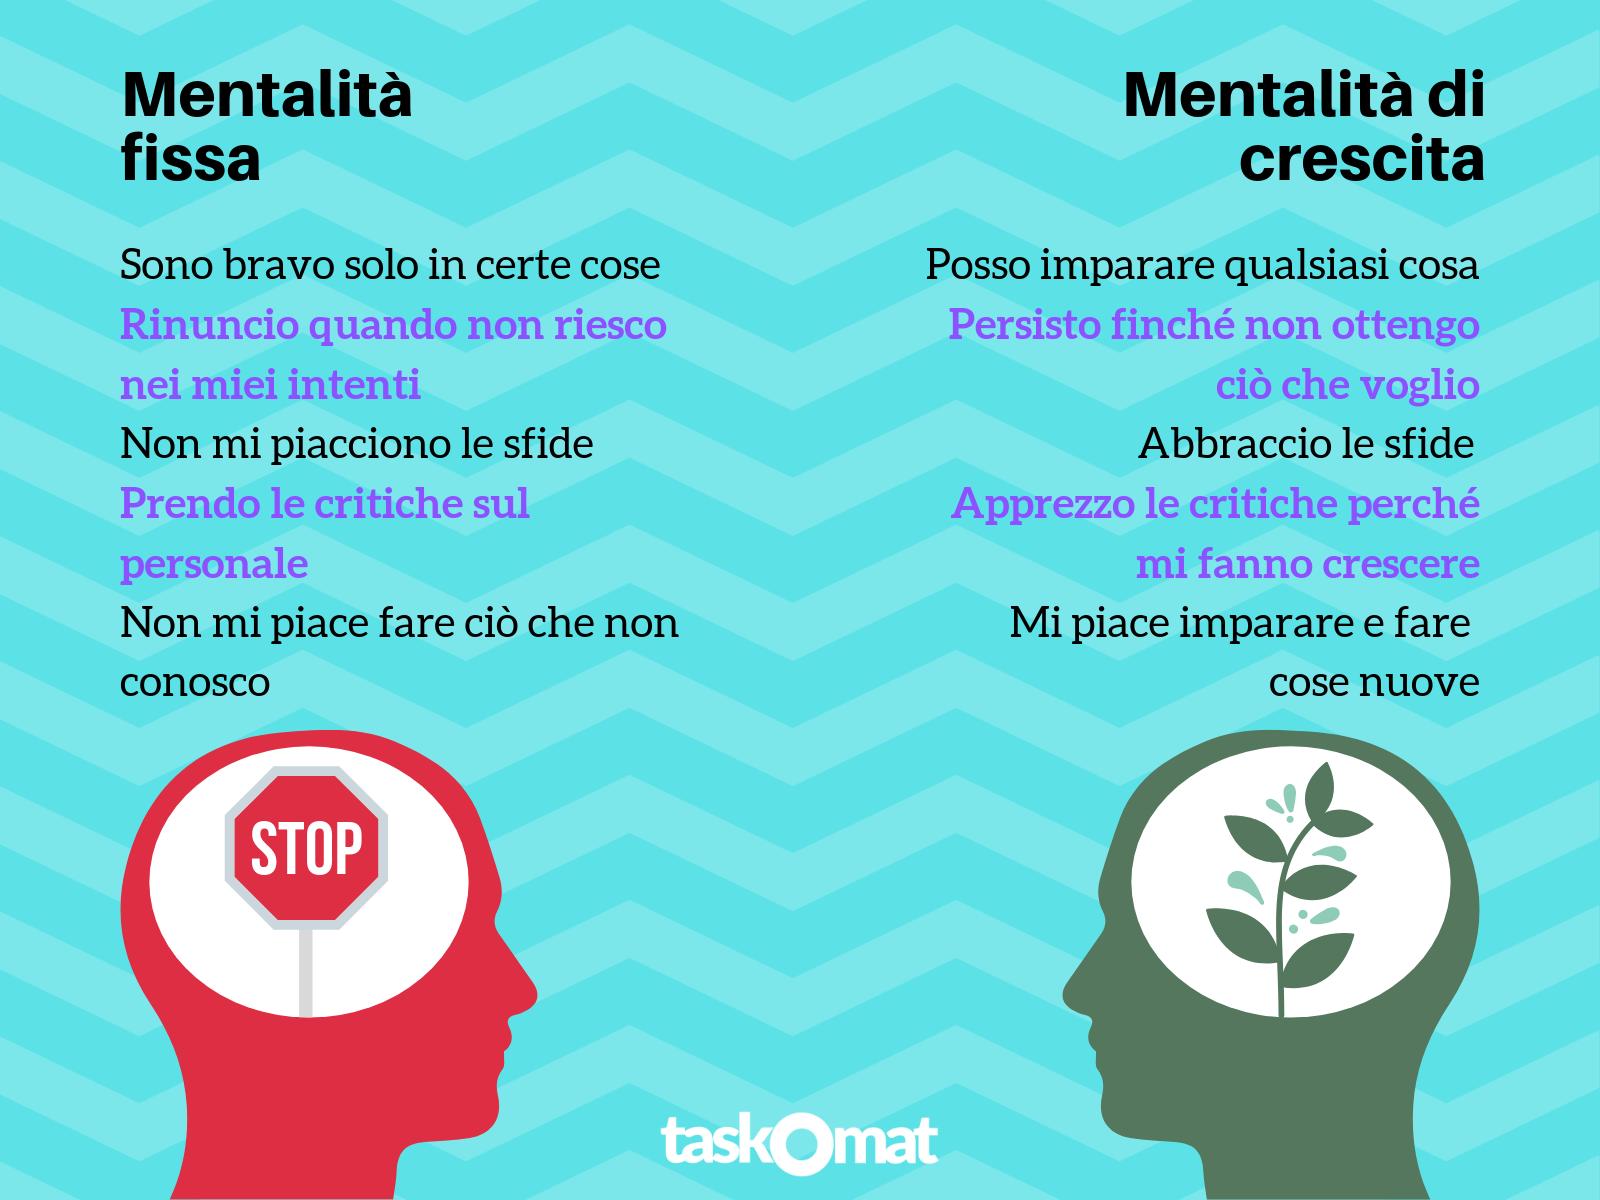 mentalita di crescita VS mentalita fissa